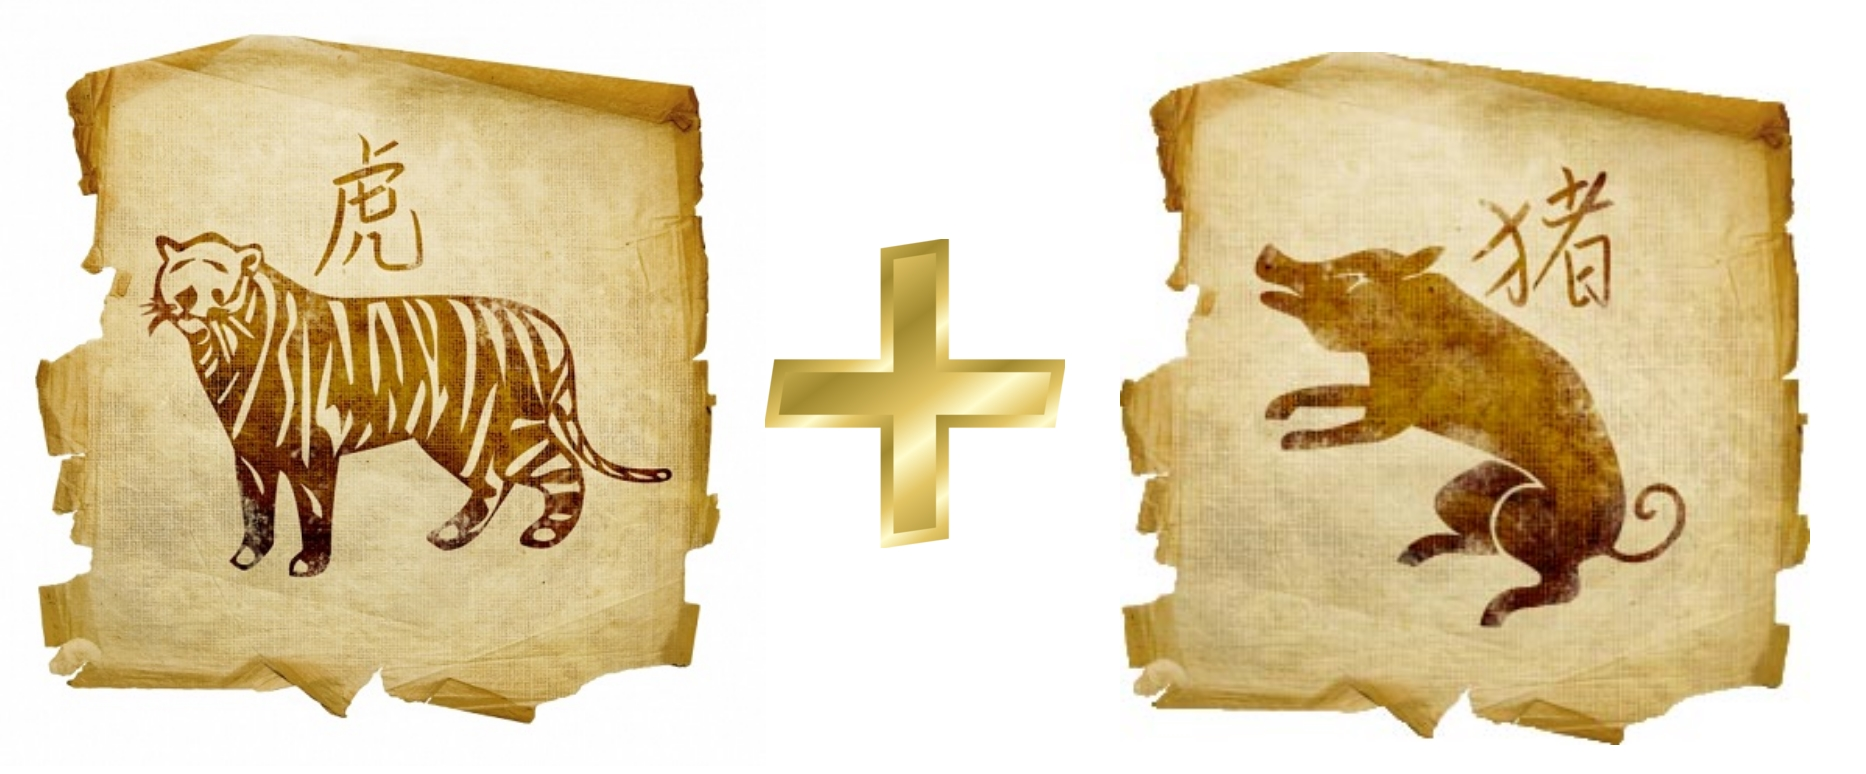 Совместимость тигр и тигр по гороскопу